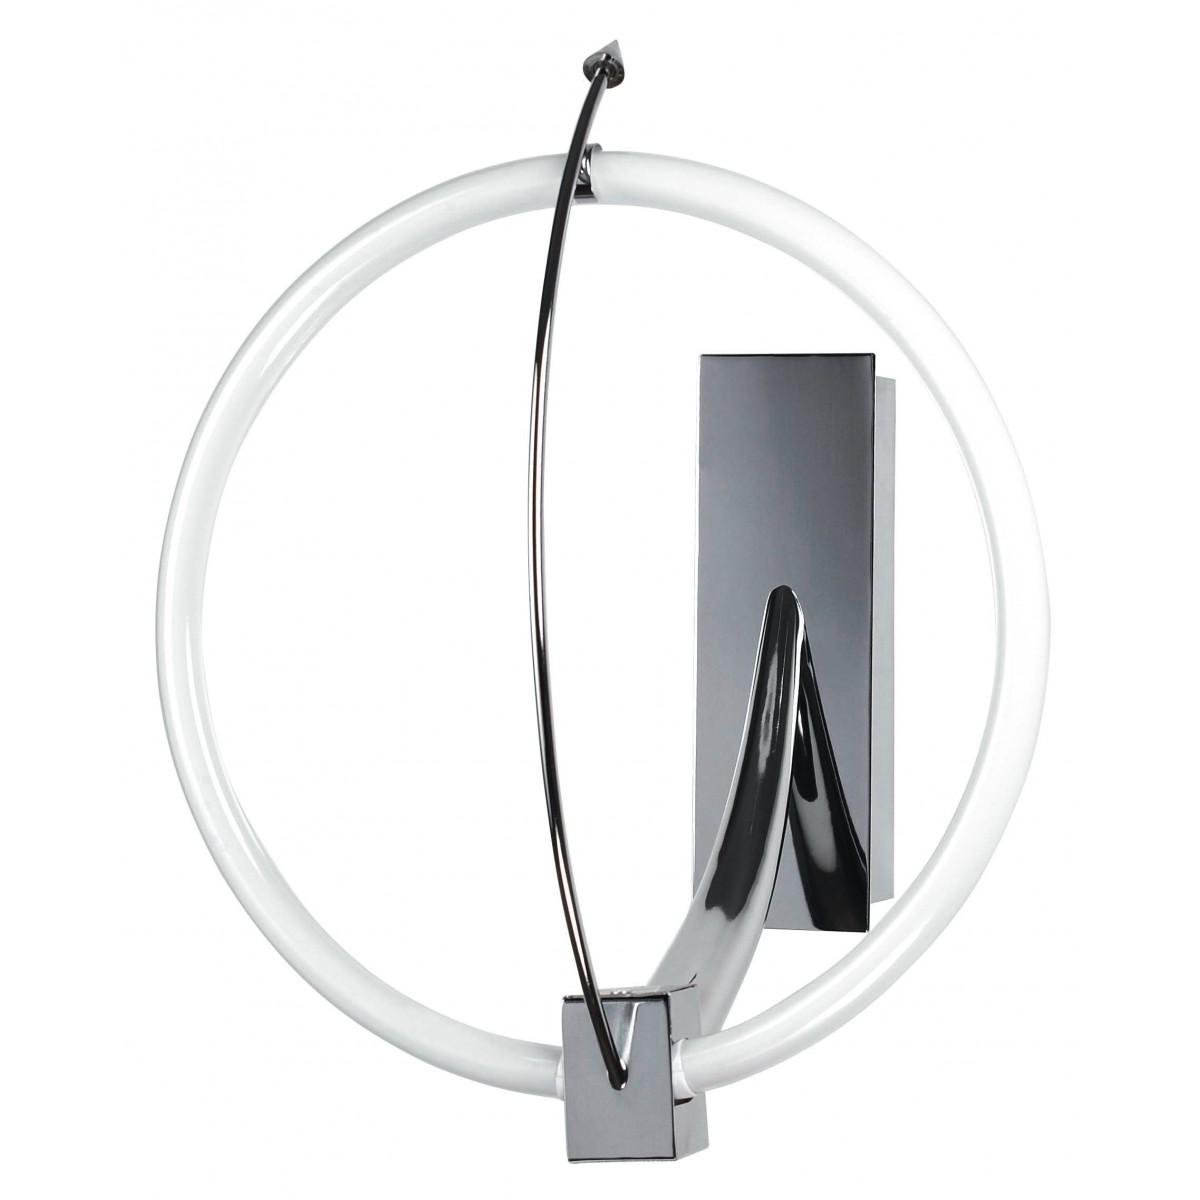 CERCHIO / AP - Applique Lampe de Salle de Bain Cercle Chrome Métal 55 watts T5 Lumière Froide